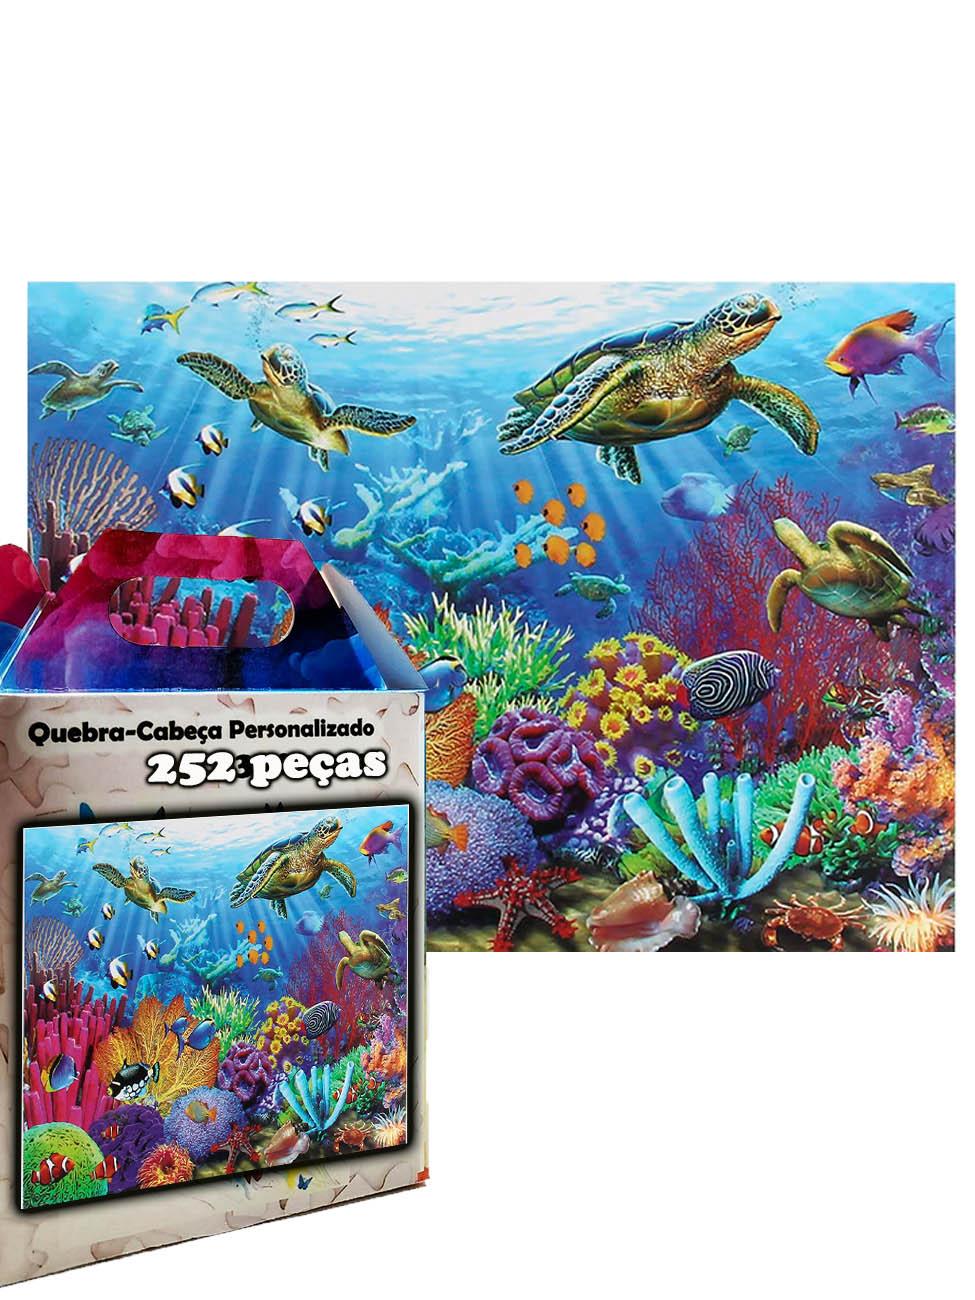 Quebra-cabeça Puzzle Fundo do Mar de 252 peças